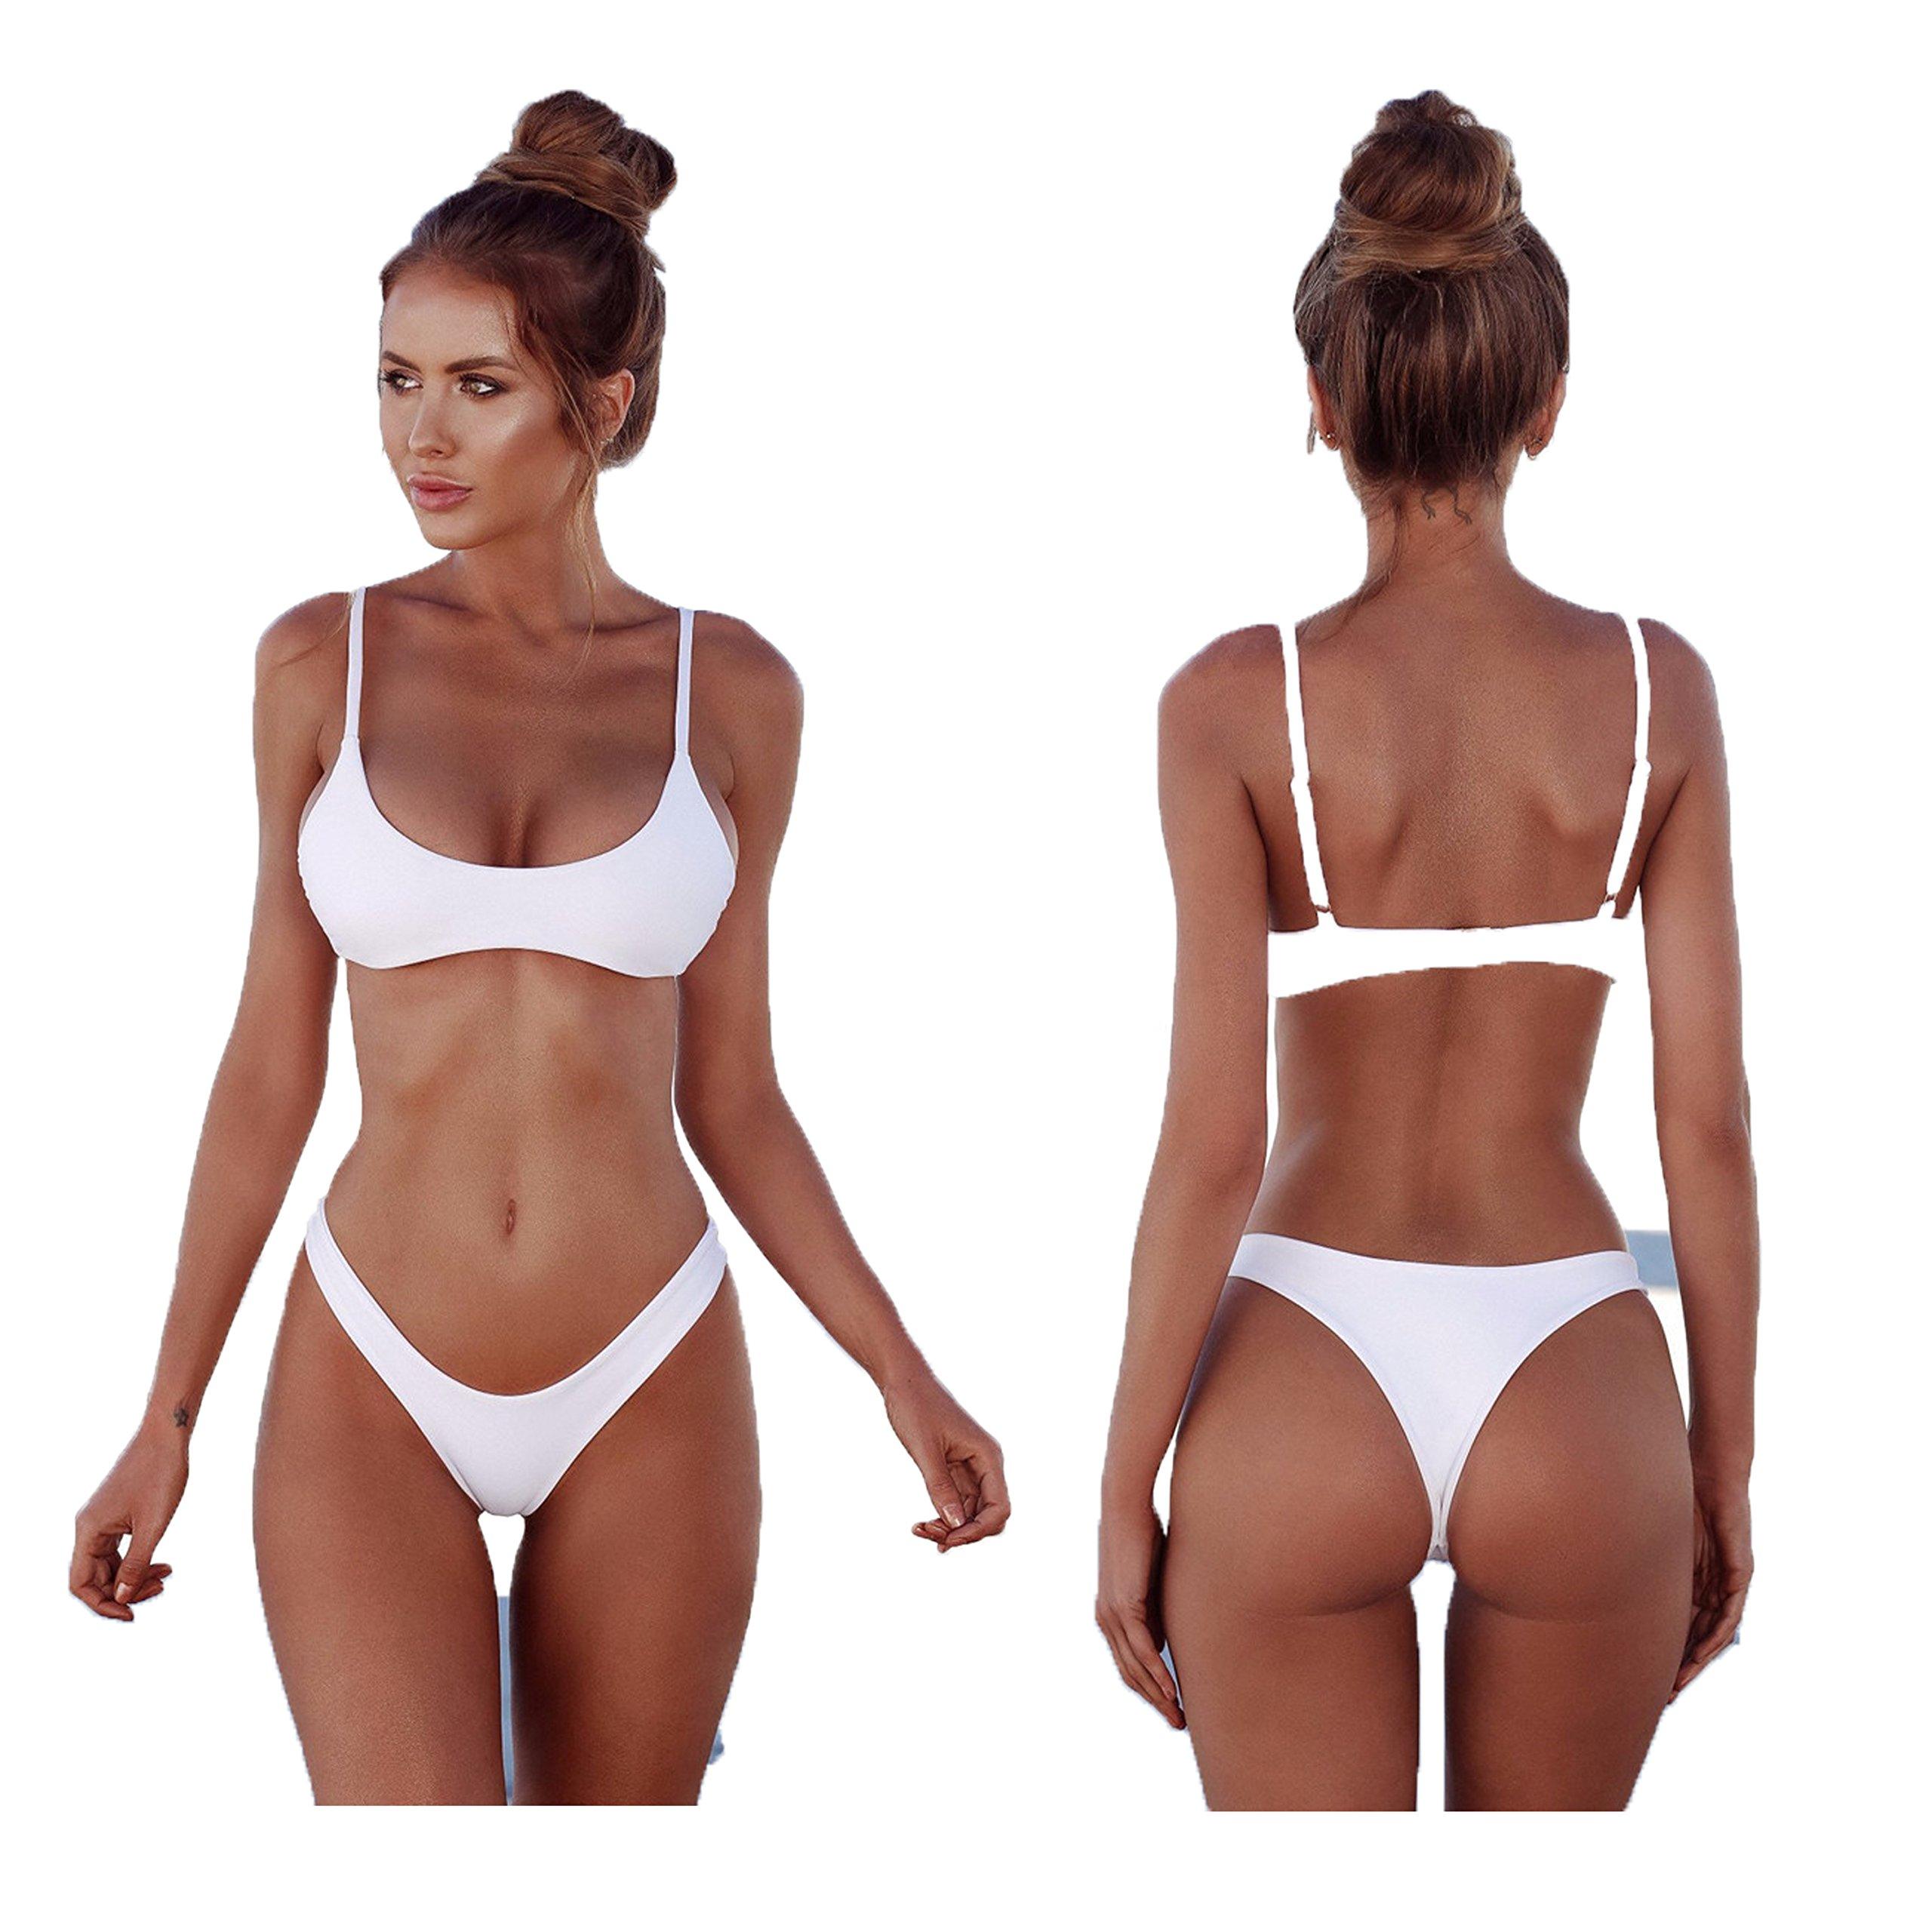 vendita scontata 03d37 f3971 2018 Womens Sexy tinta unita Bikini brasiliano Set-Triangolo perizoma Soft  imbottita perdita clivaggio Bikini Set 2 pezzi Costume da bagno - ...